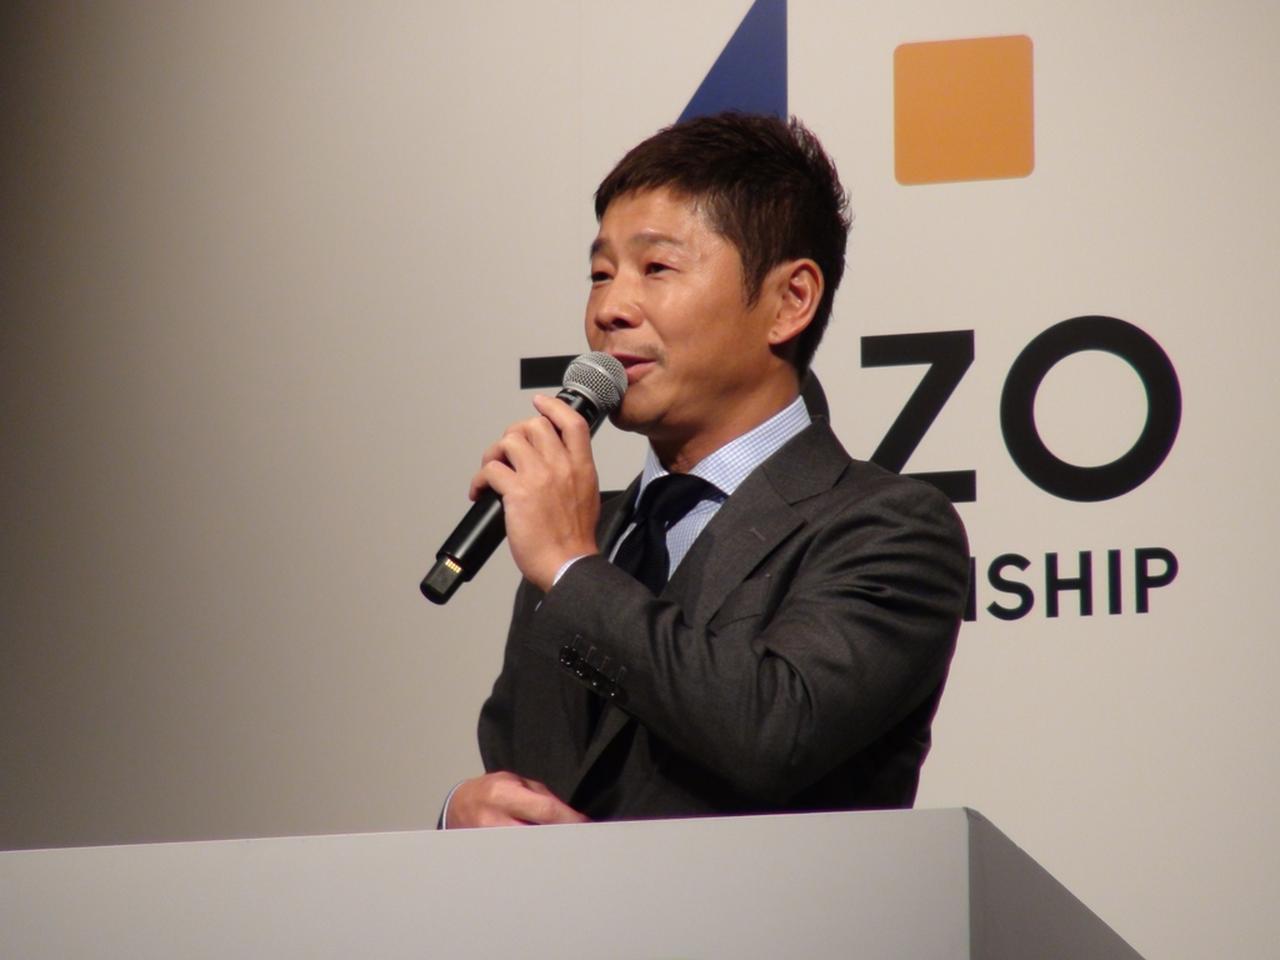 画像: 2019年にPGAツアー日本初開催となるトーナメント「ZOZO CHAMPIONSHIP」のスポンサー、株式会社ZOZOの前澤友作社長